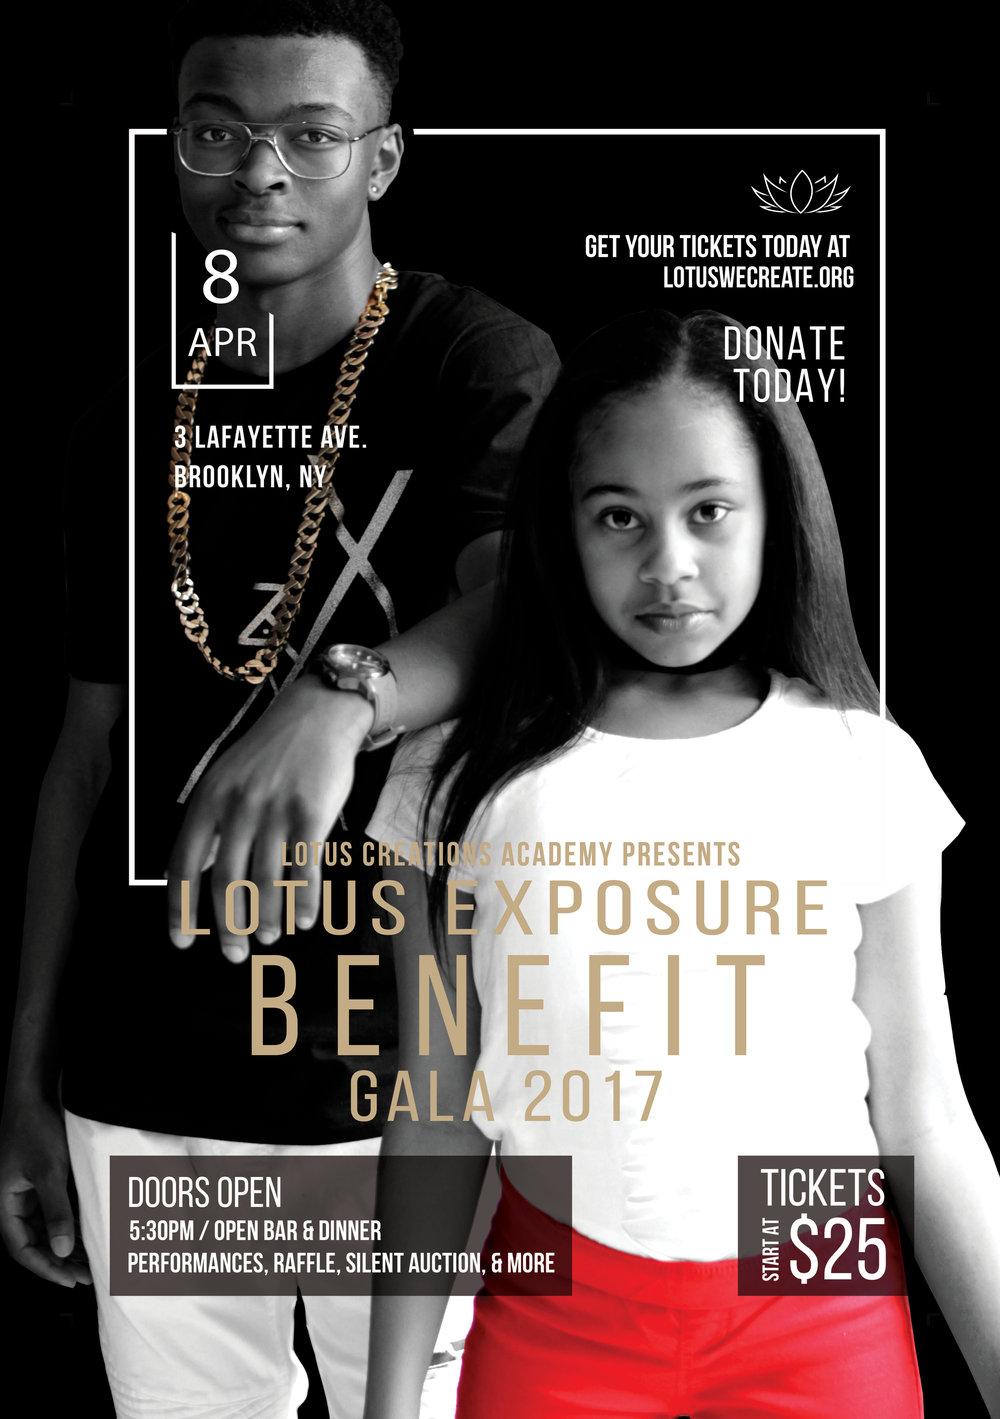 Exposure Benefit Gala Flyer